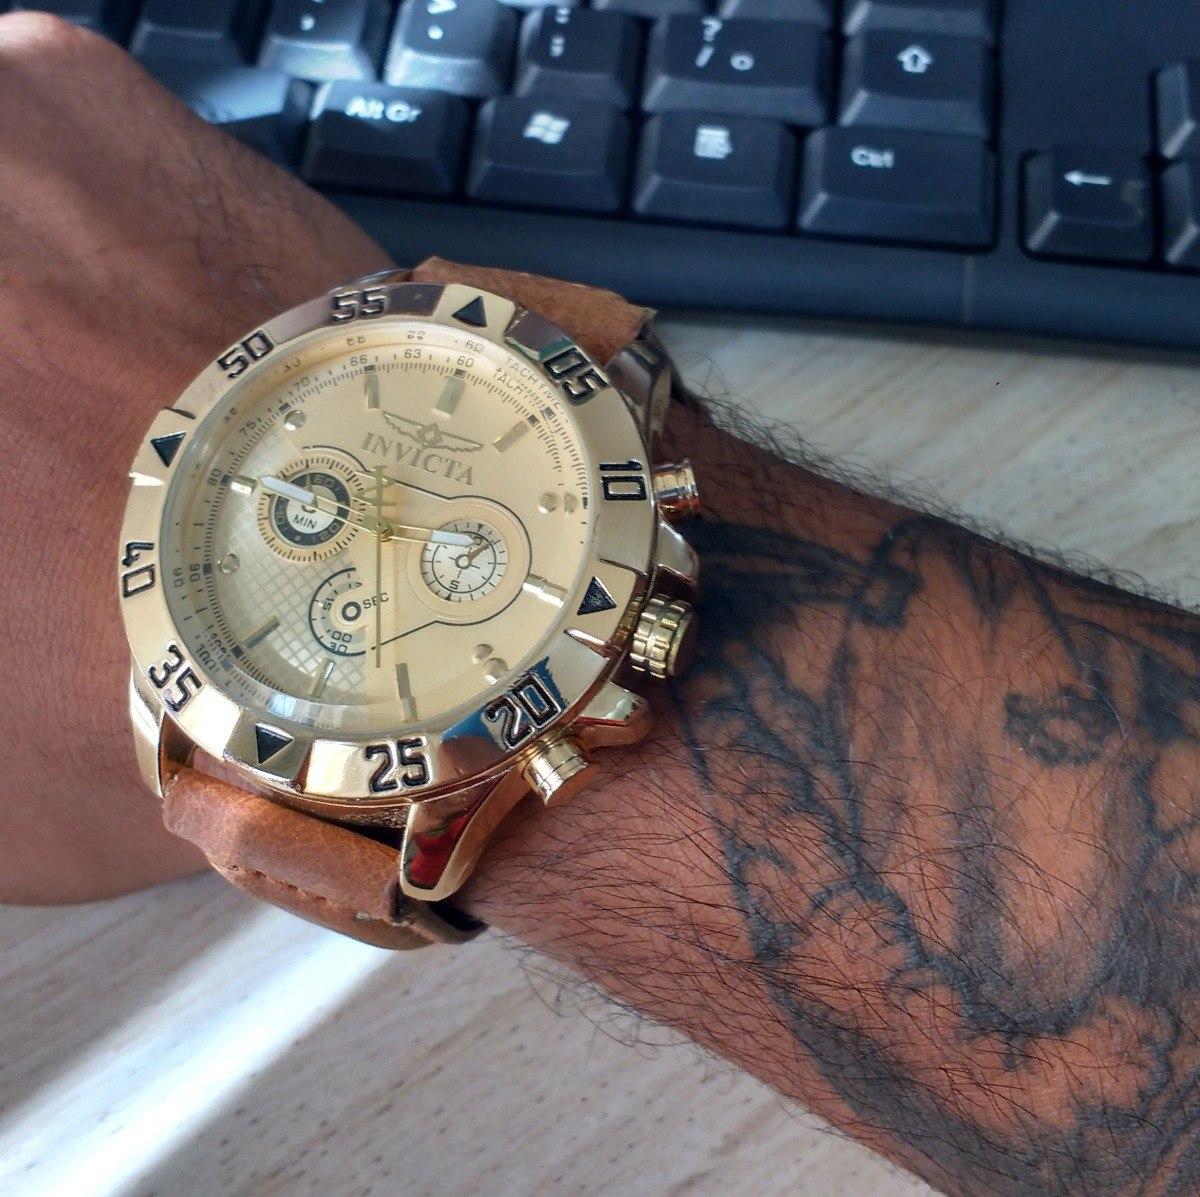 029d3346d77 relógio masculino invicta pulseira de couro promoção. Carregando zoom.